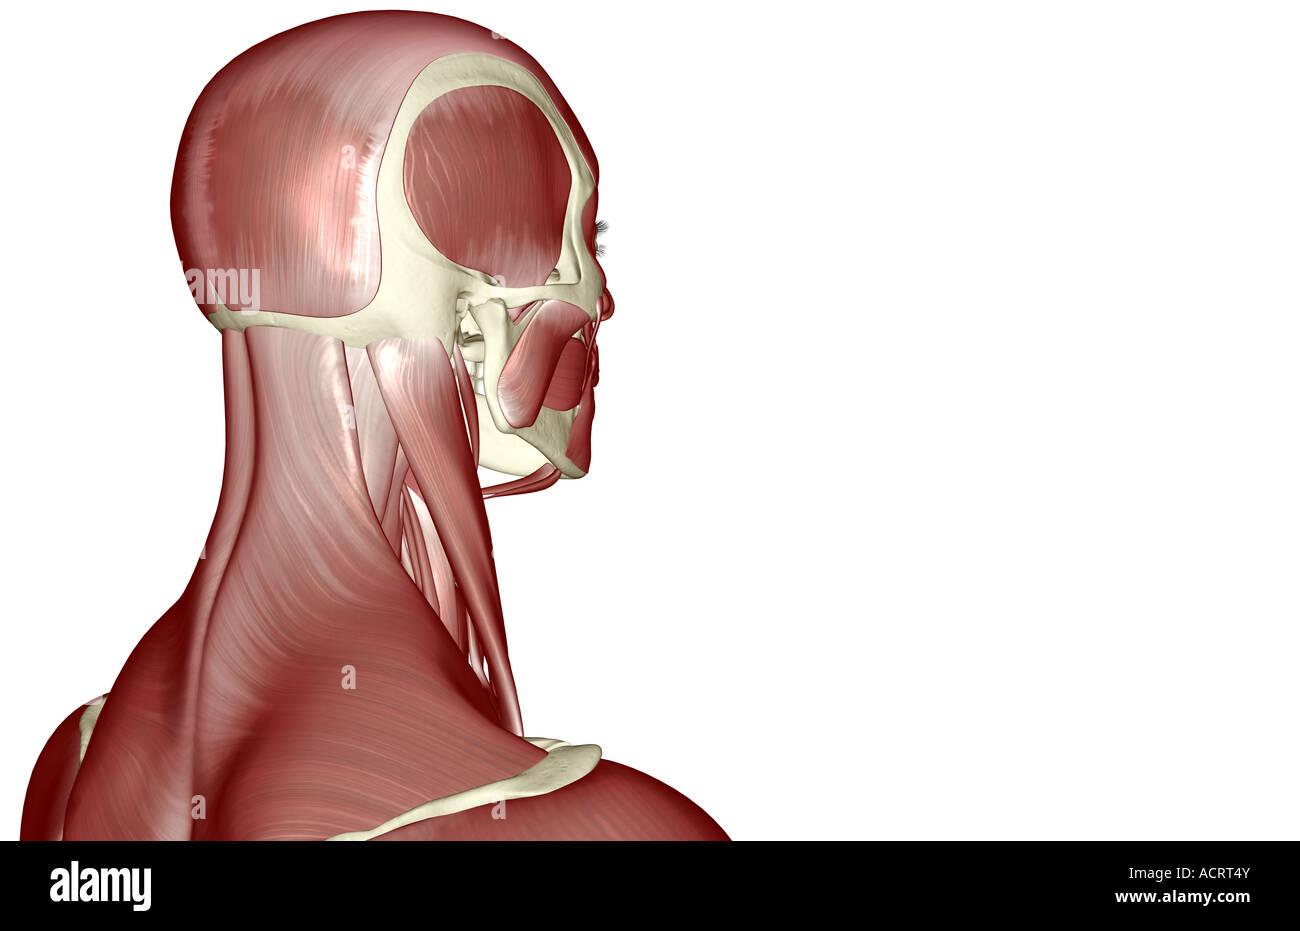 Ausgezeichnet Muskel Des Kopfes Und Des Halses Ideen - Menschliche ...